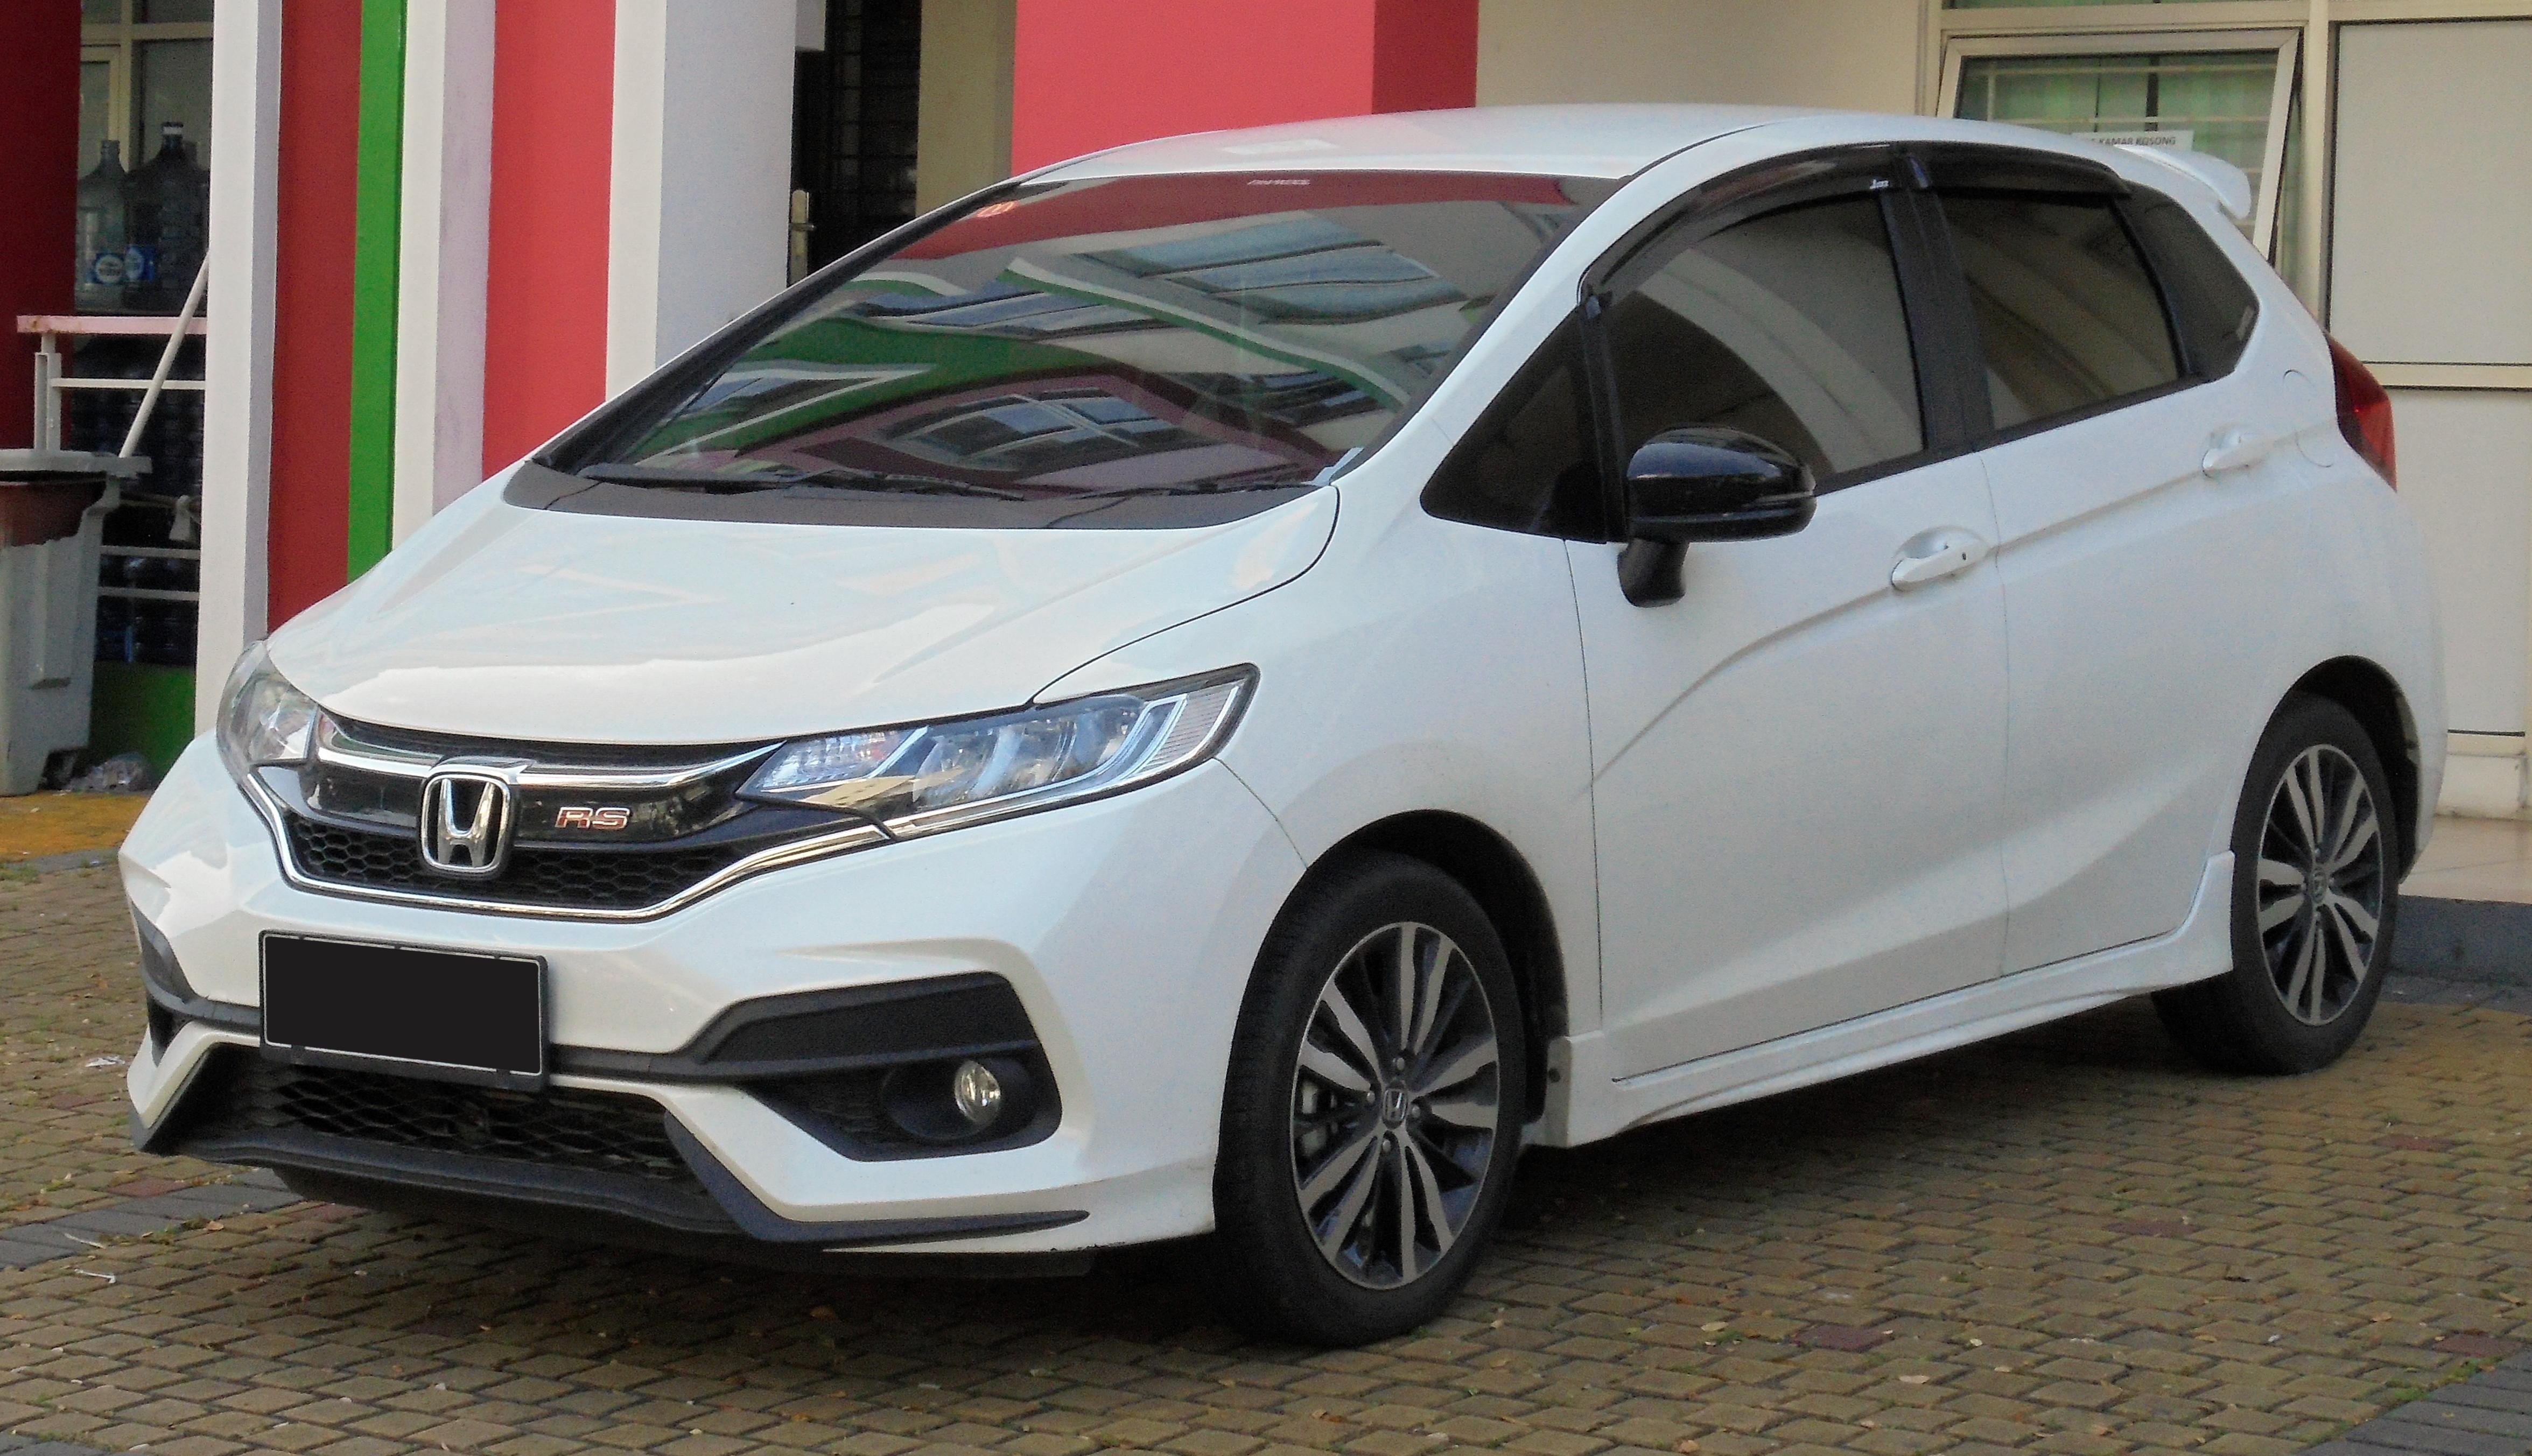 Kelebihan Kekurangan Honda Jazz Rs Bekas Review